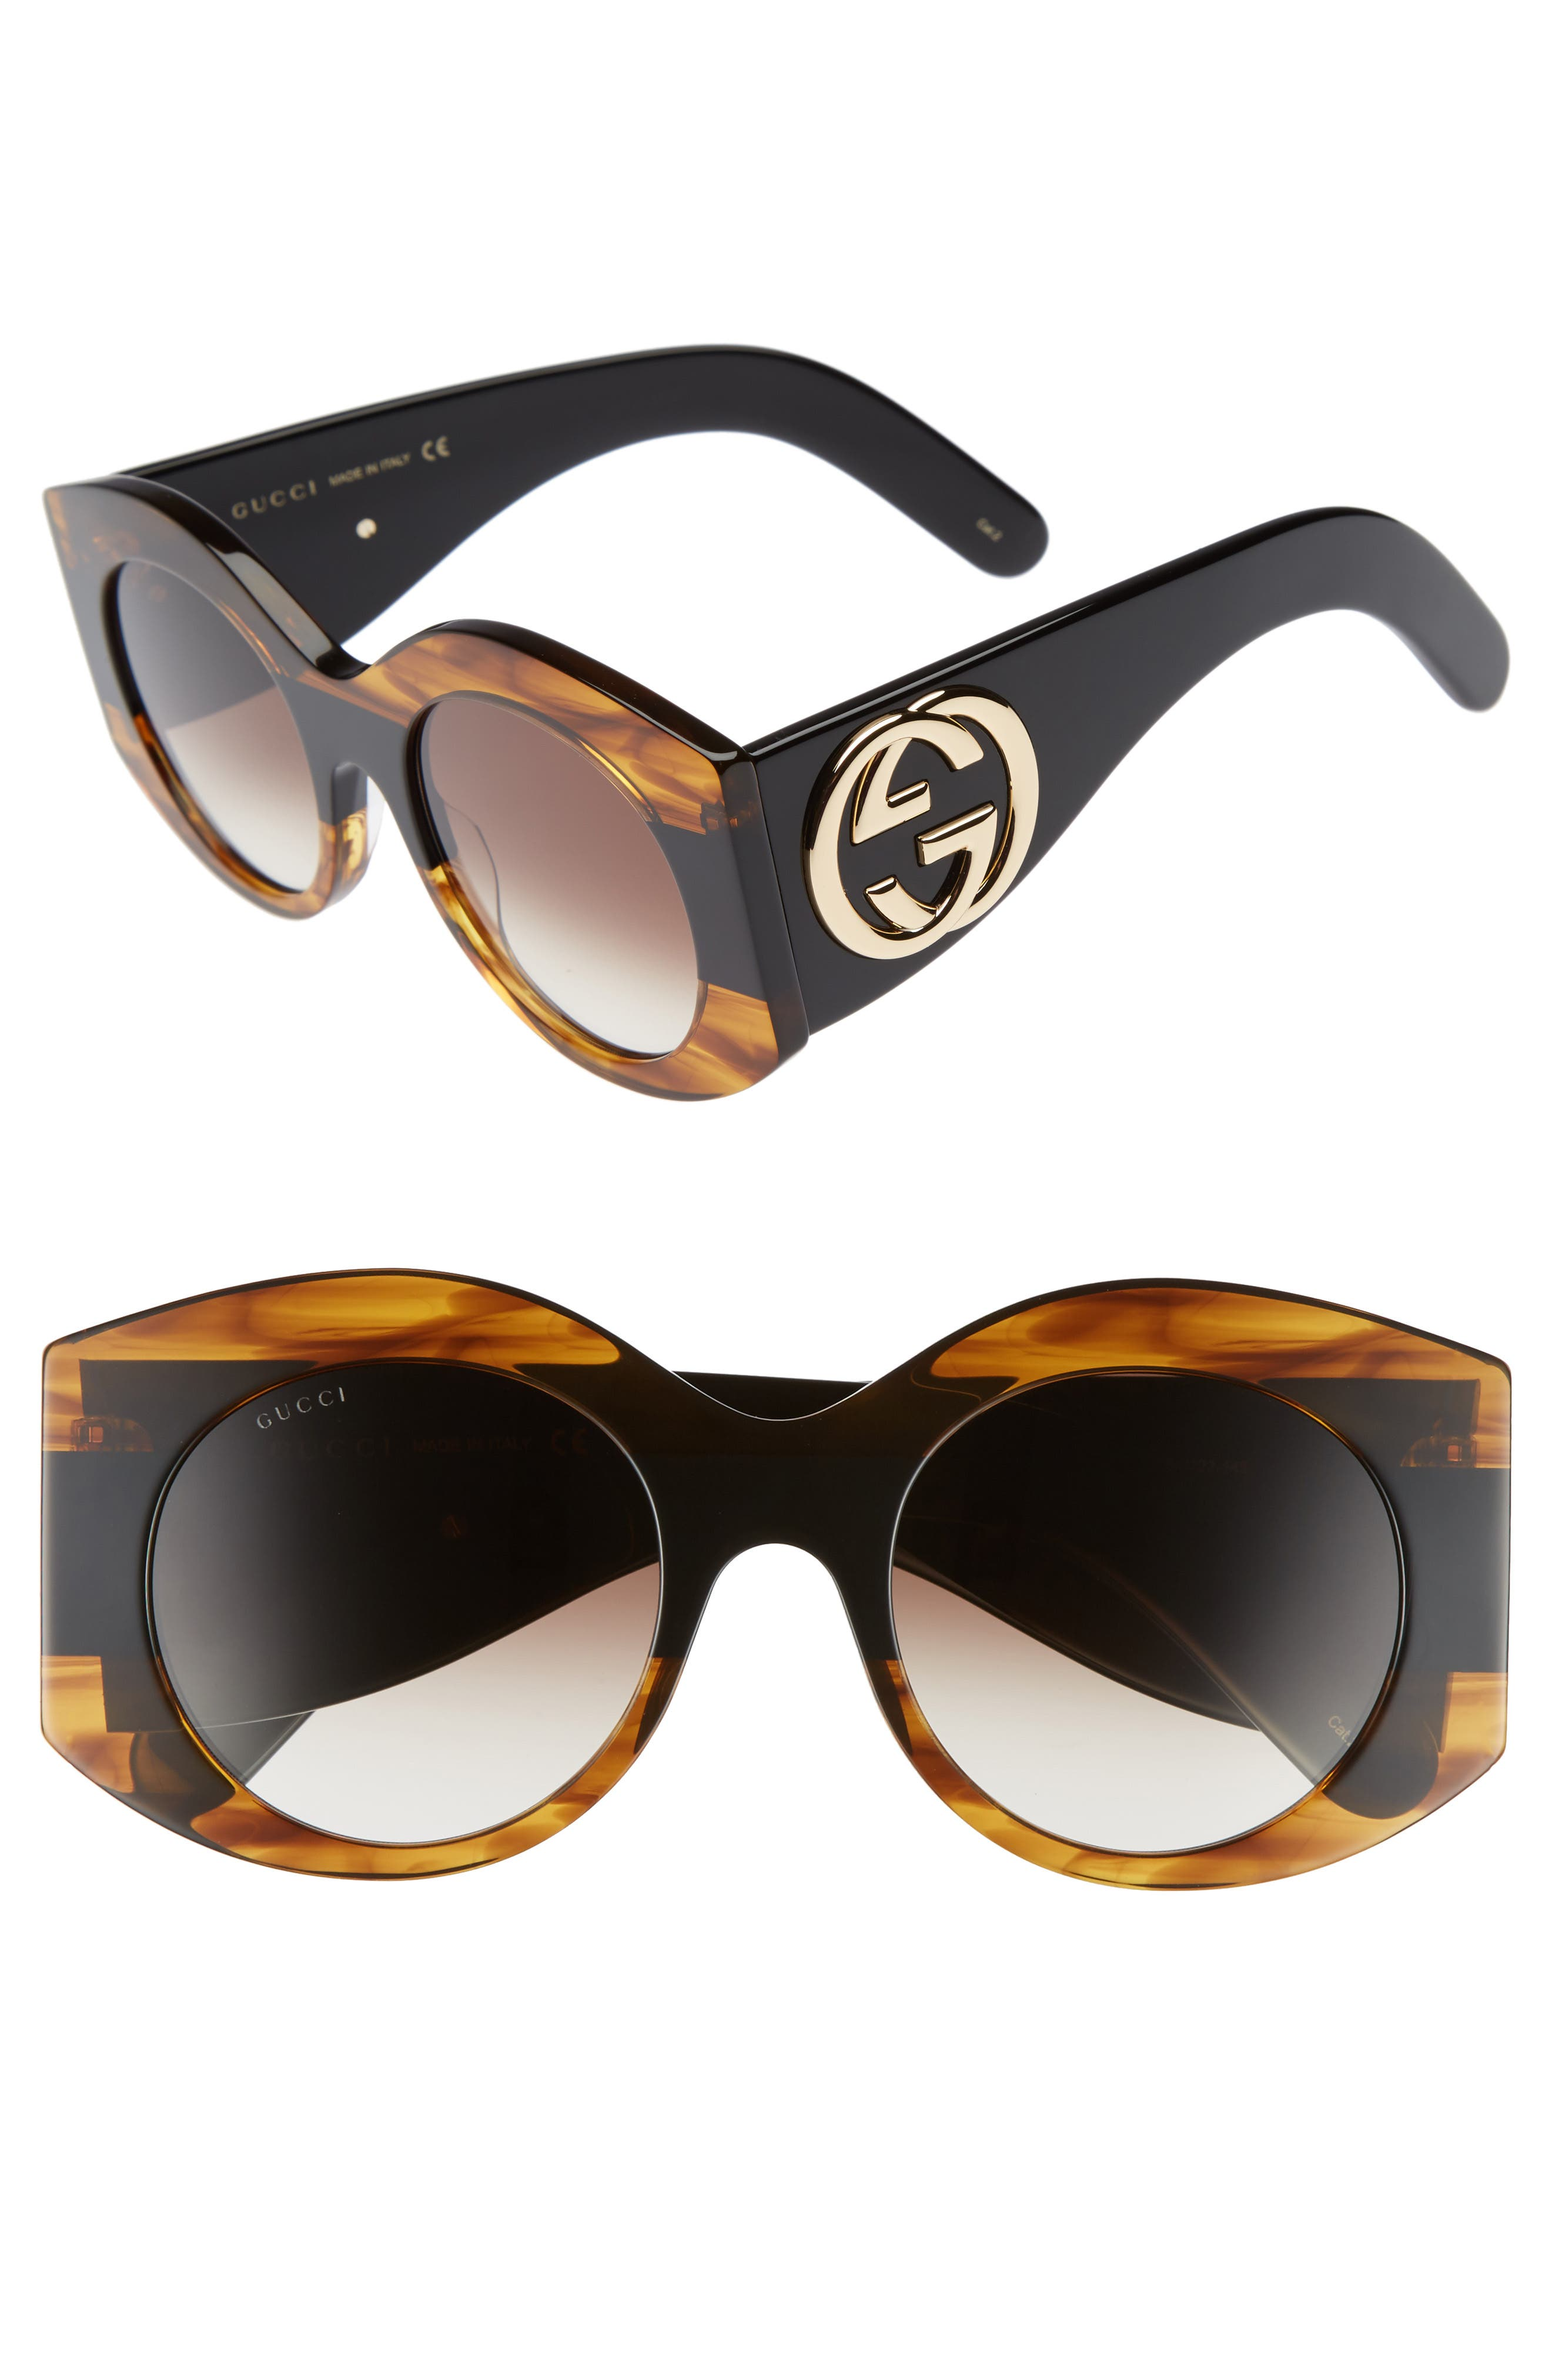 Gucci 51mm Transparent Stripe Sunglasses